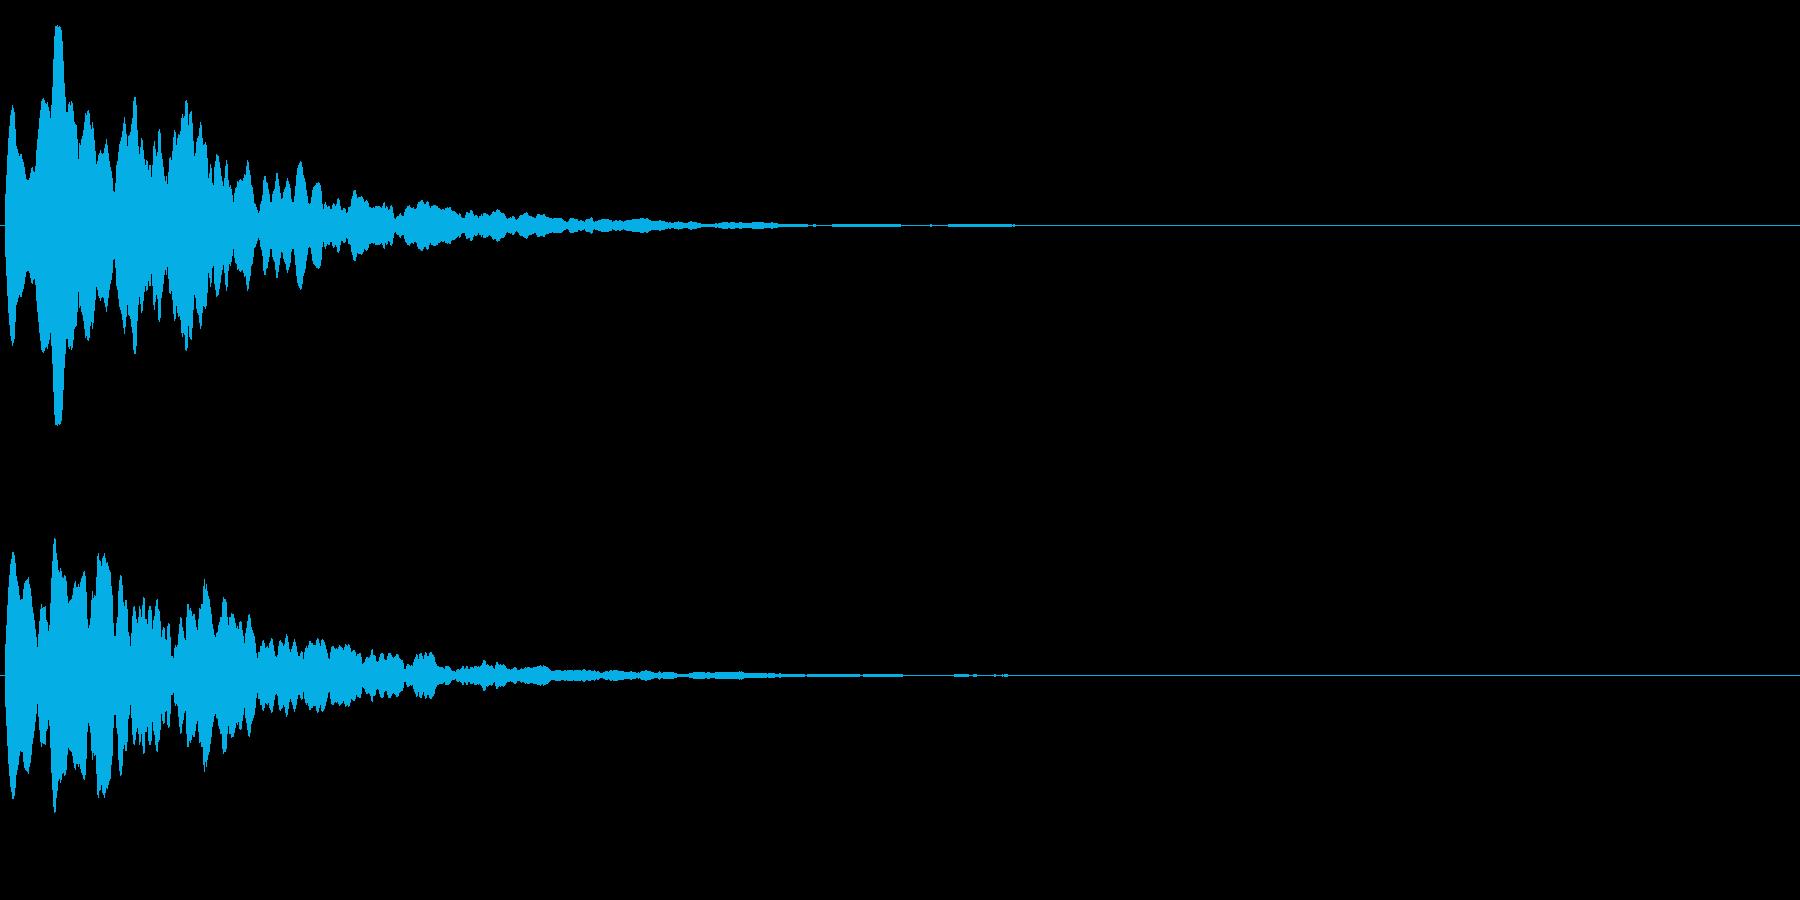 ゲームスタート、決定、ボタン音-147の再生済みの波形